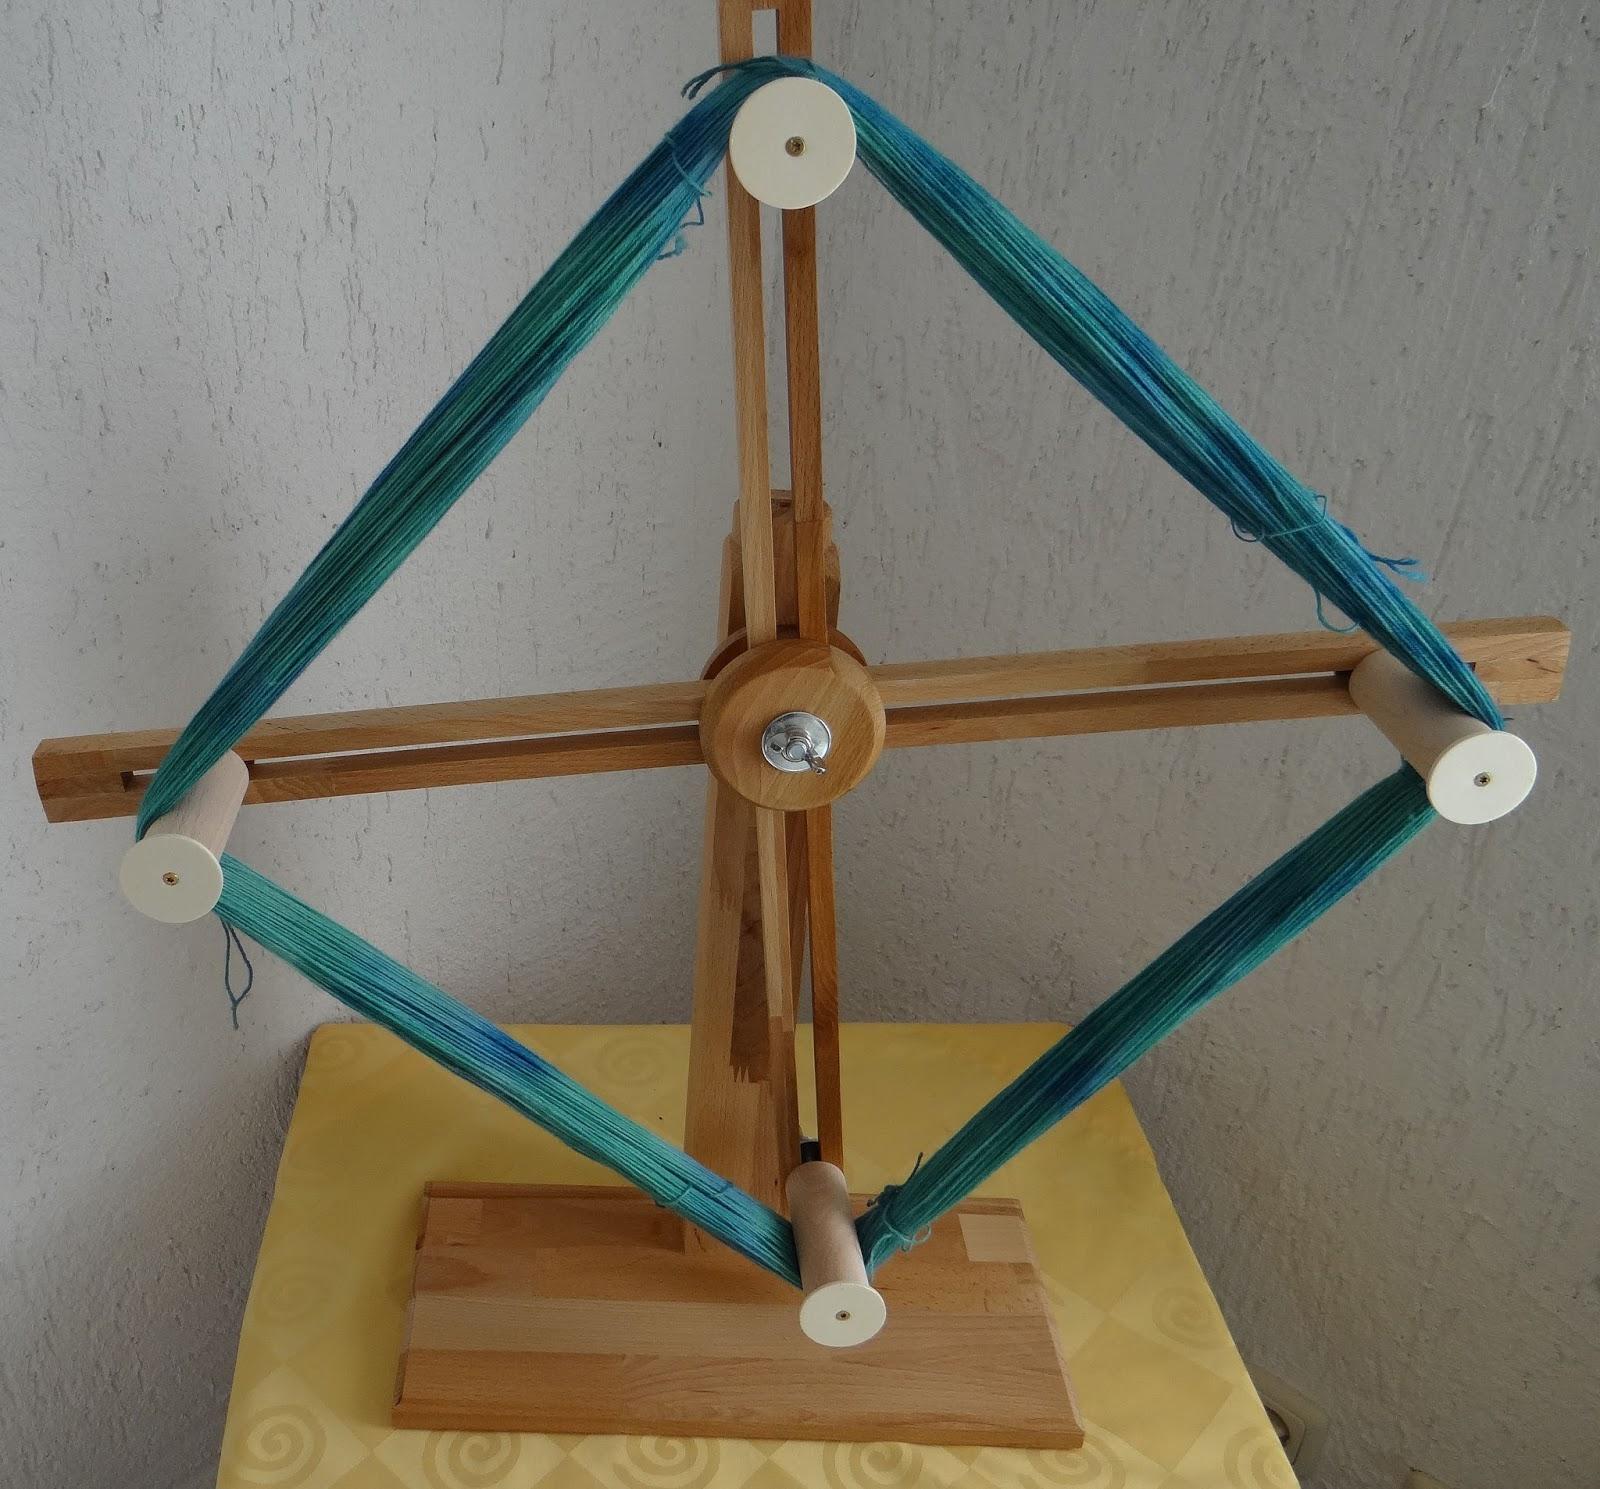 holzwurm 39 s hilfen f r stricken spinnen h keln wollwickler wollhaspel. Black Bedroom Furniture Sets. Home Design Ideas